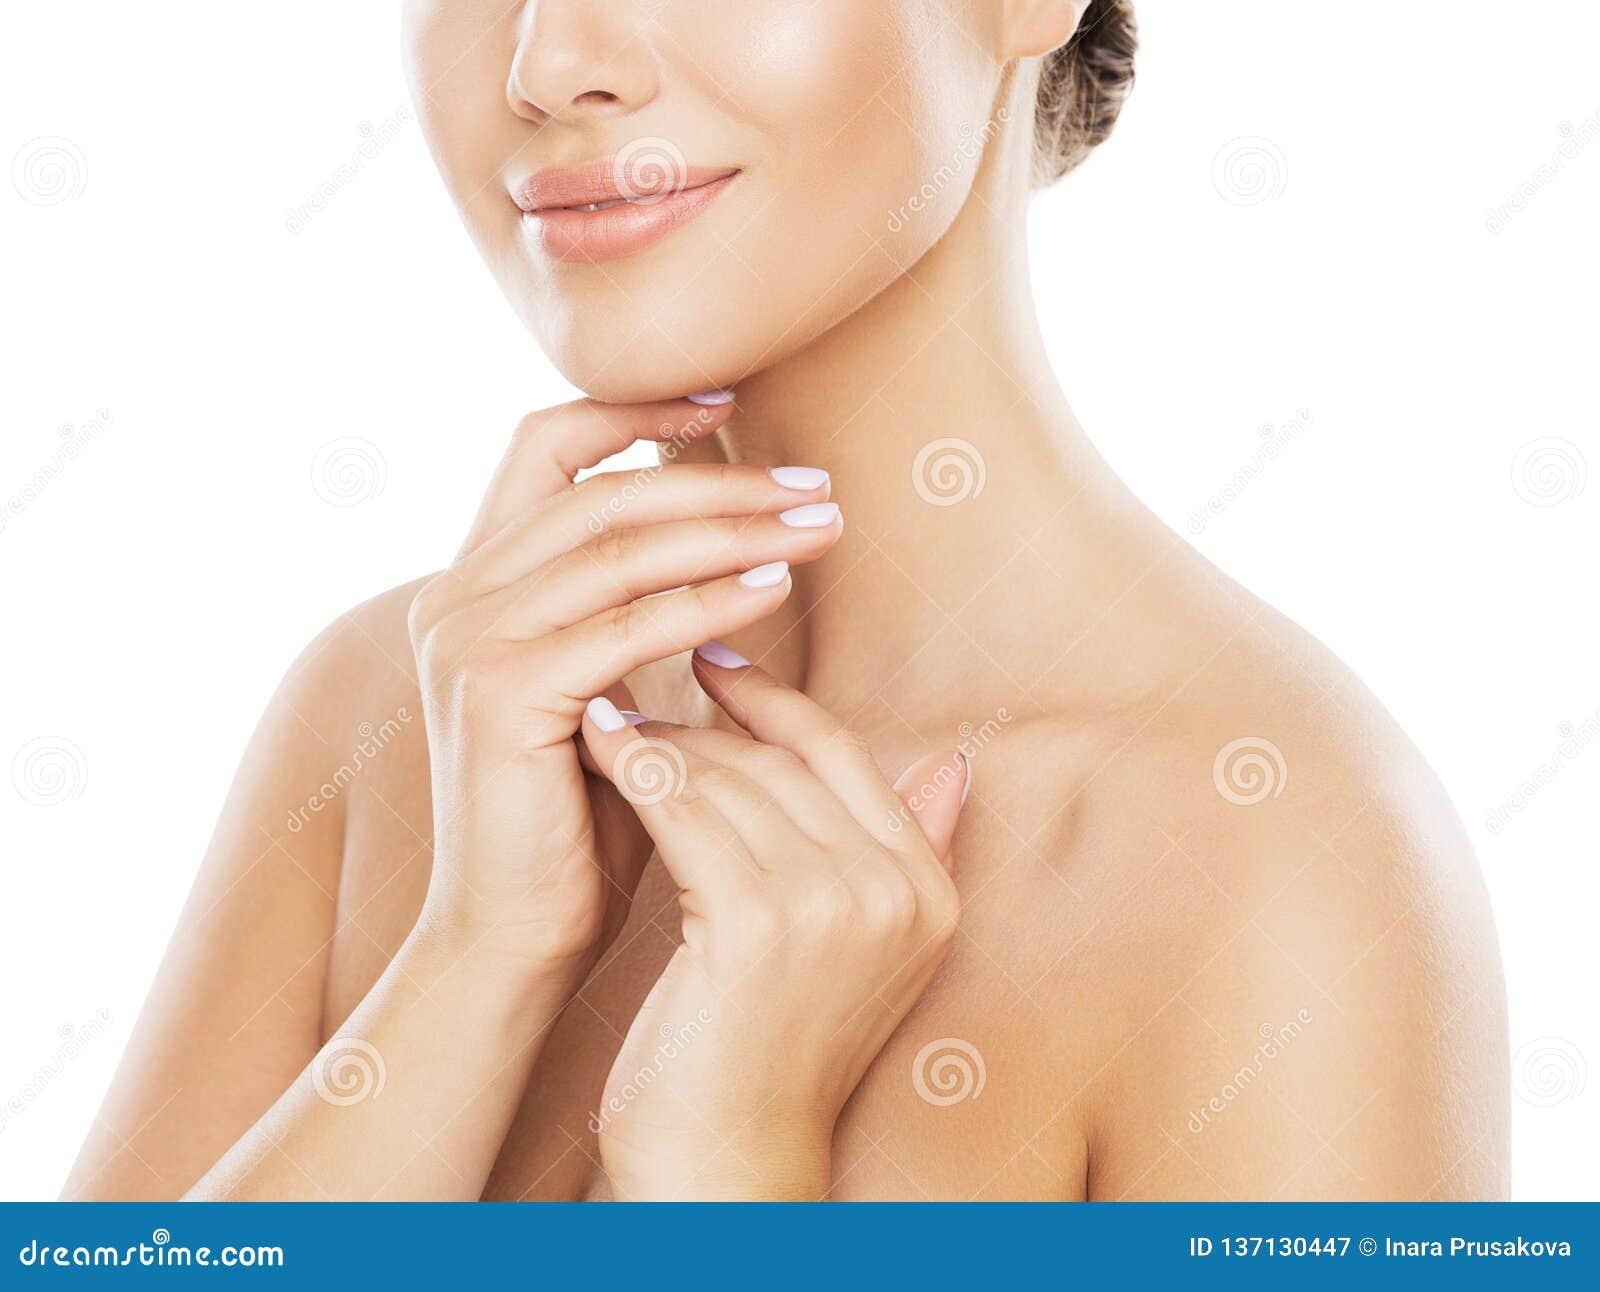 Φυσική φροντίδα δέρματος ομορφιάς, γυναίκα σχετικά με το λαιμό με το χέρι, νέο κορίτσι πέρα από το λευκό